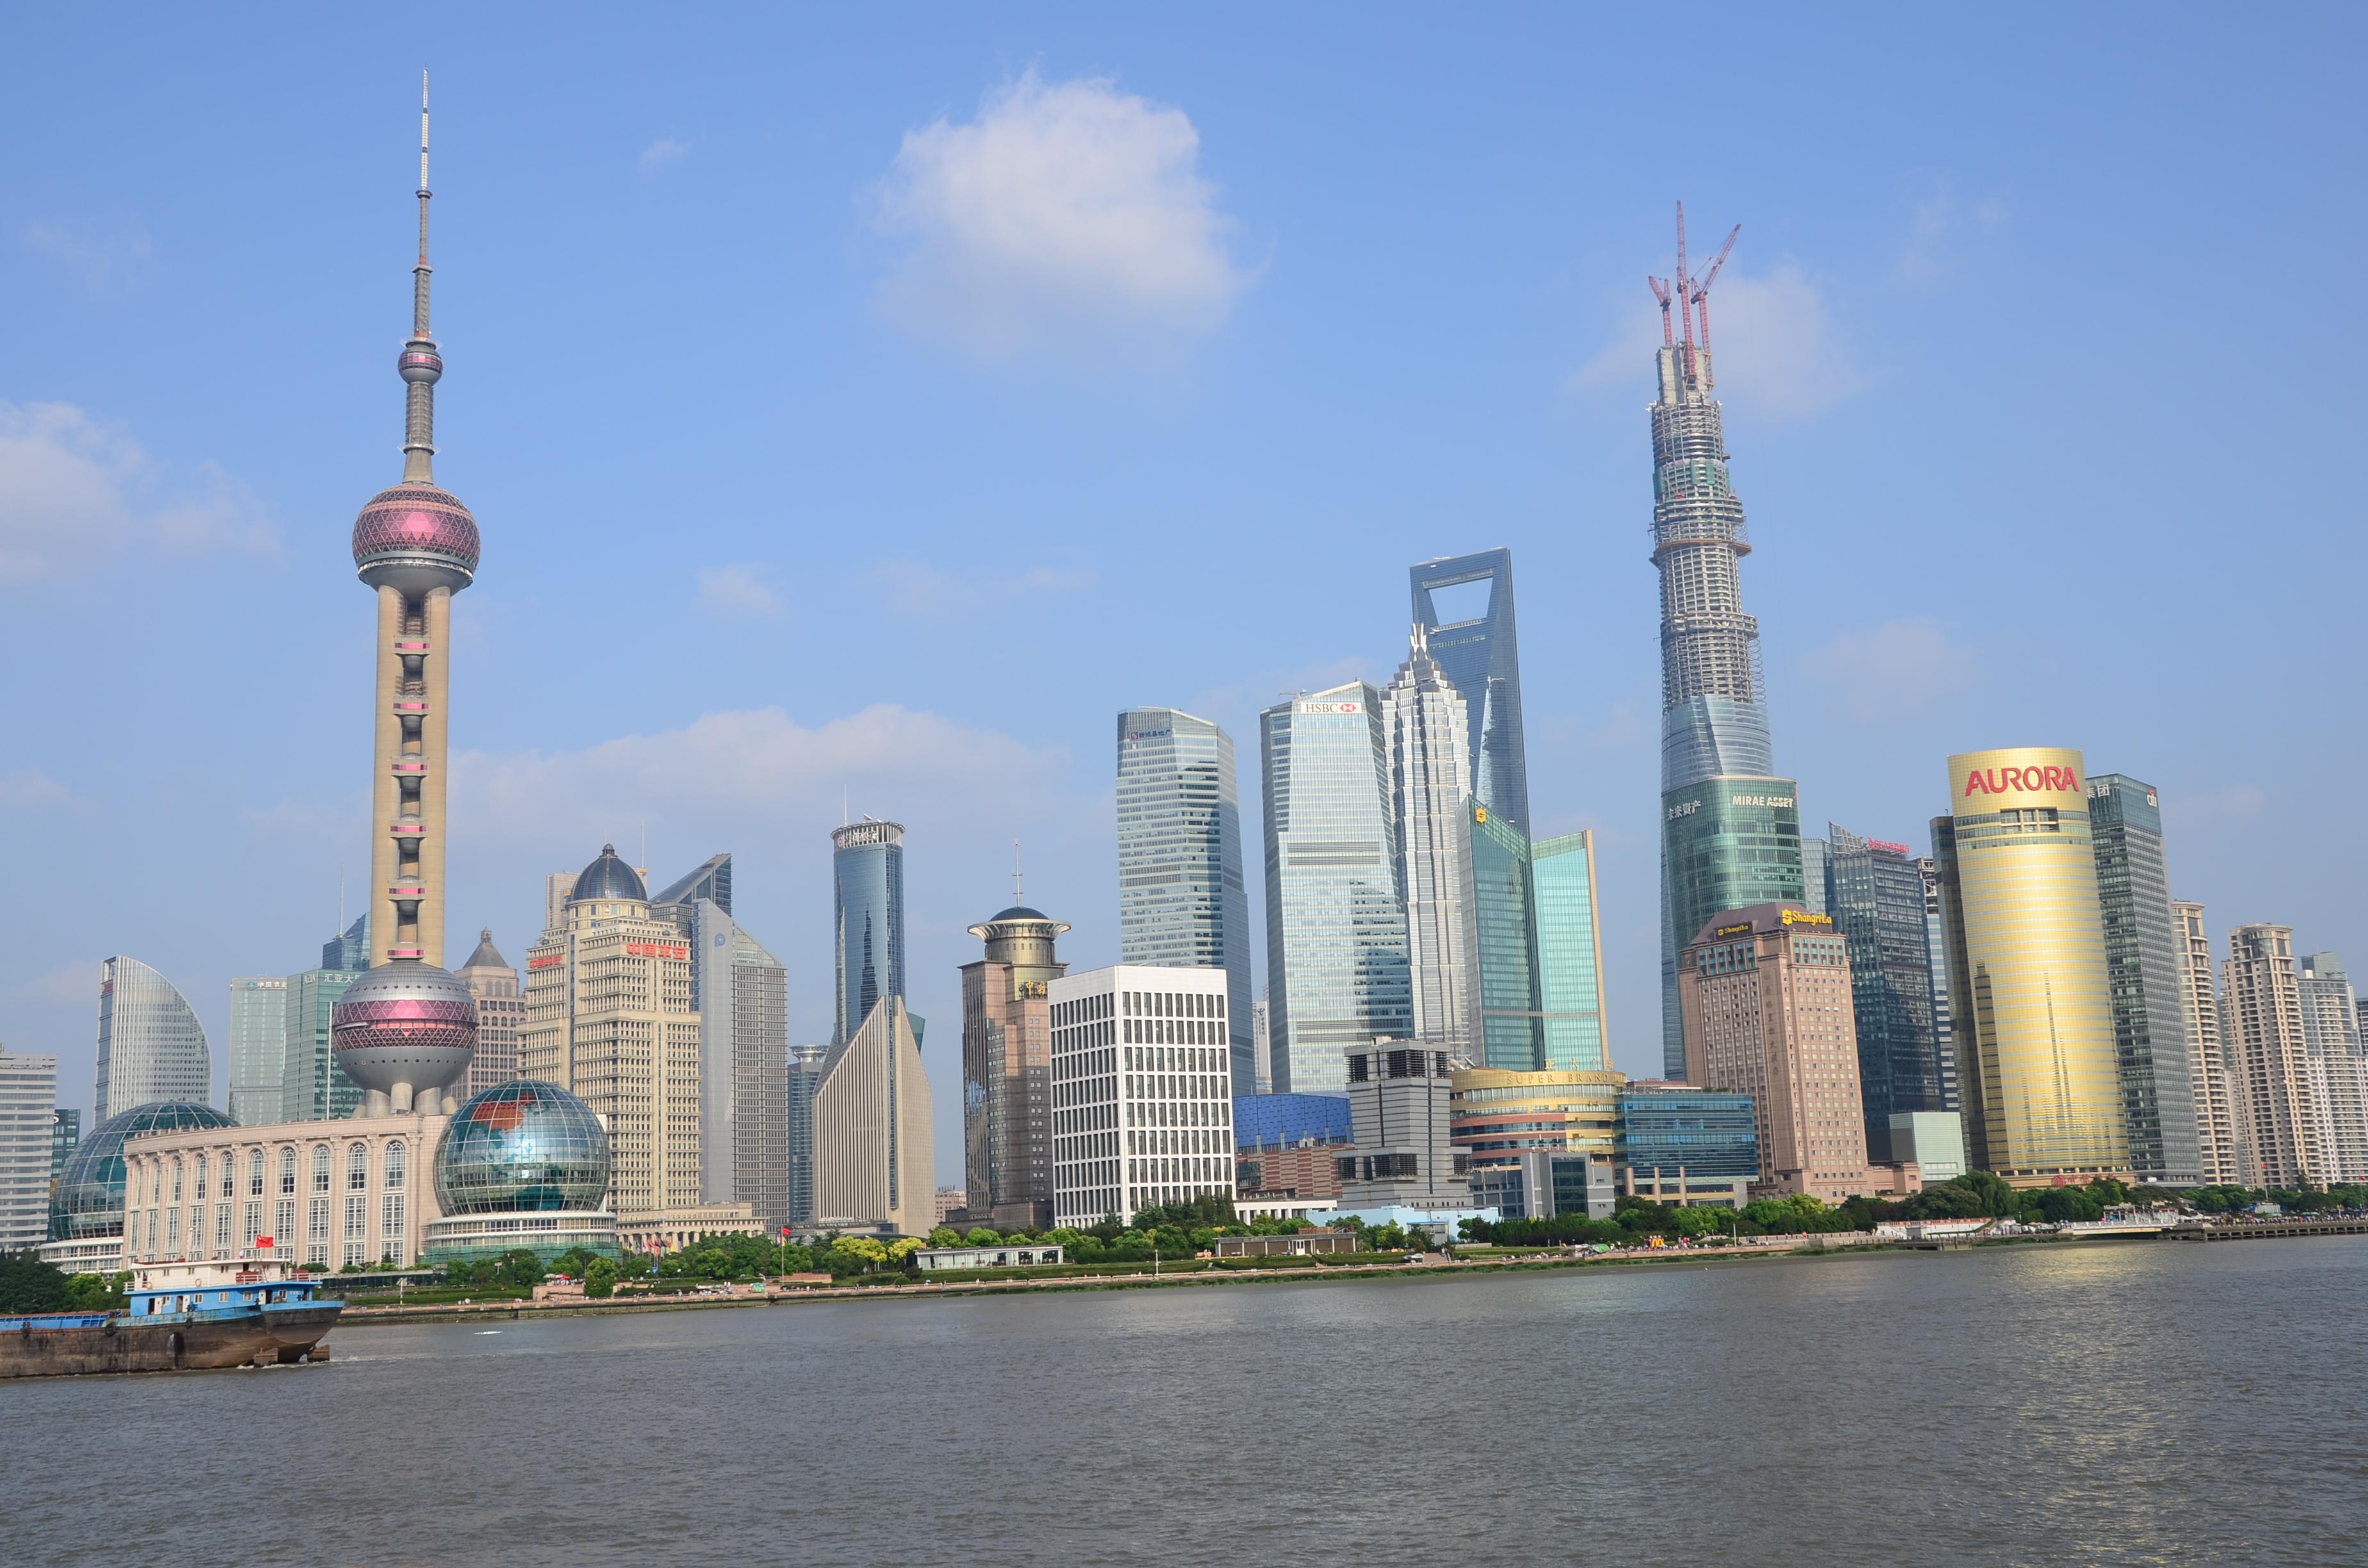 上海浦东新区到外滩_上海外滩在蒲西还是浦东-上海外滩,东方明珠,是在上海的哪个区